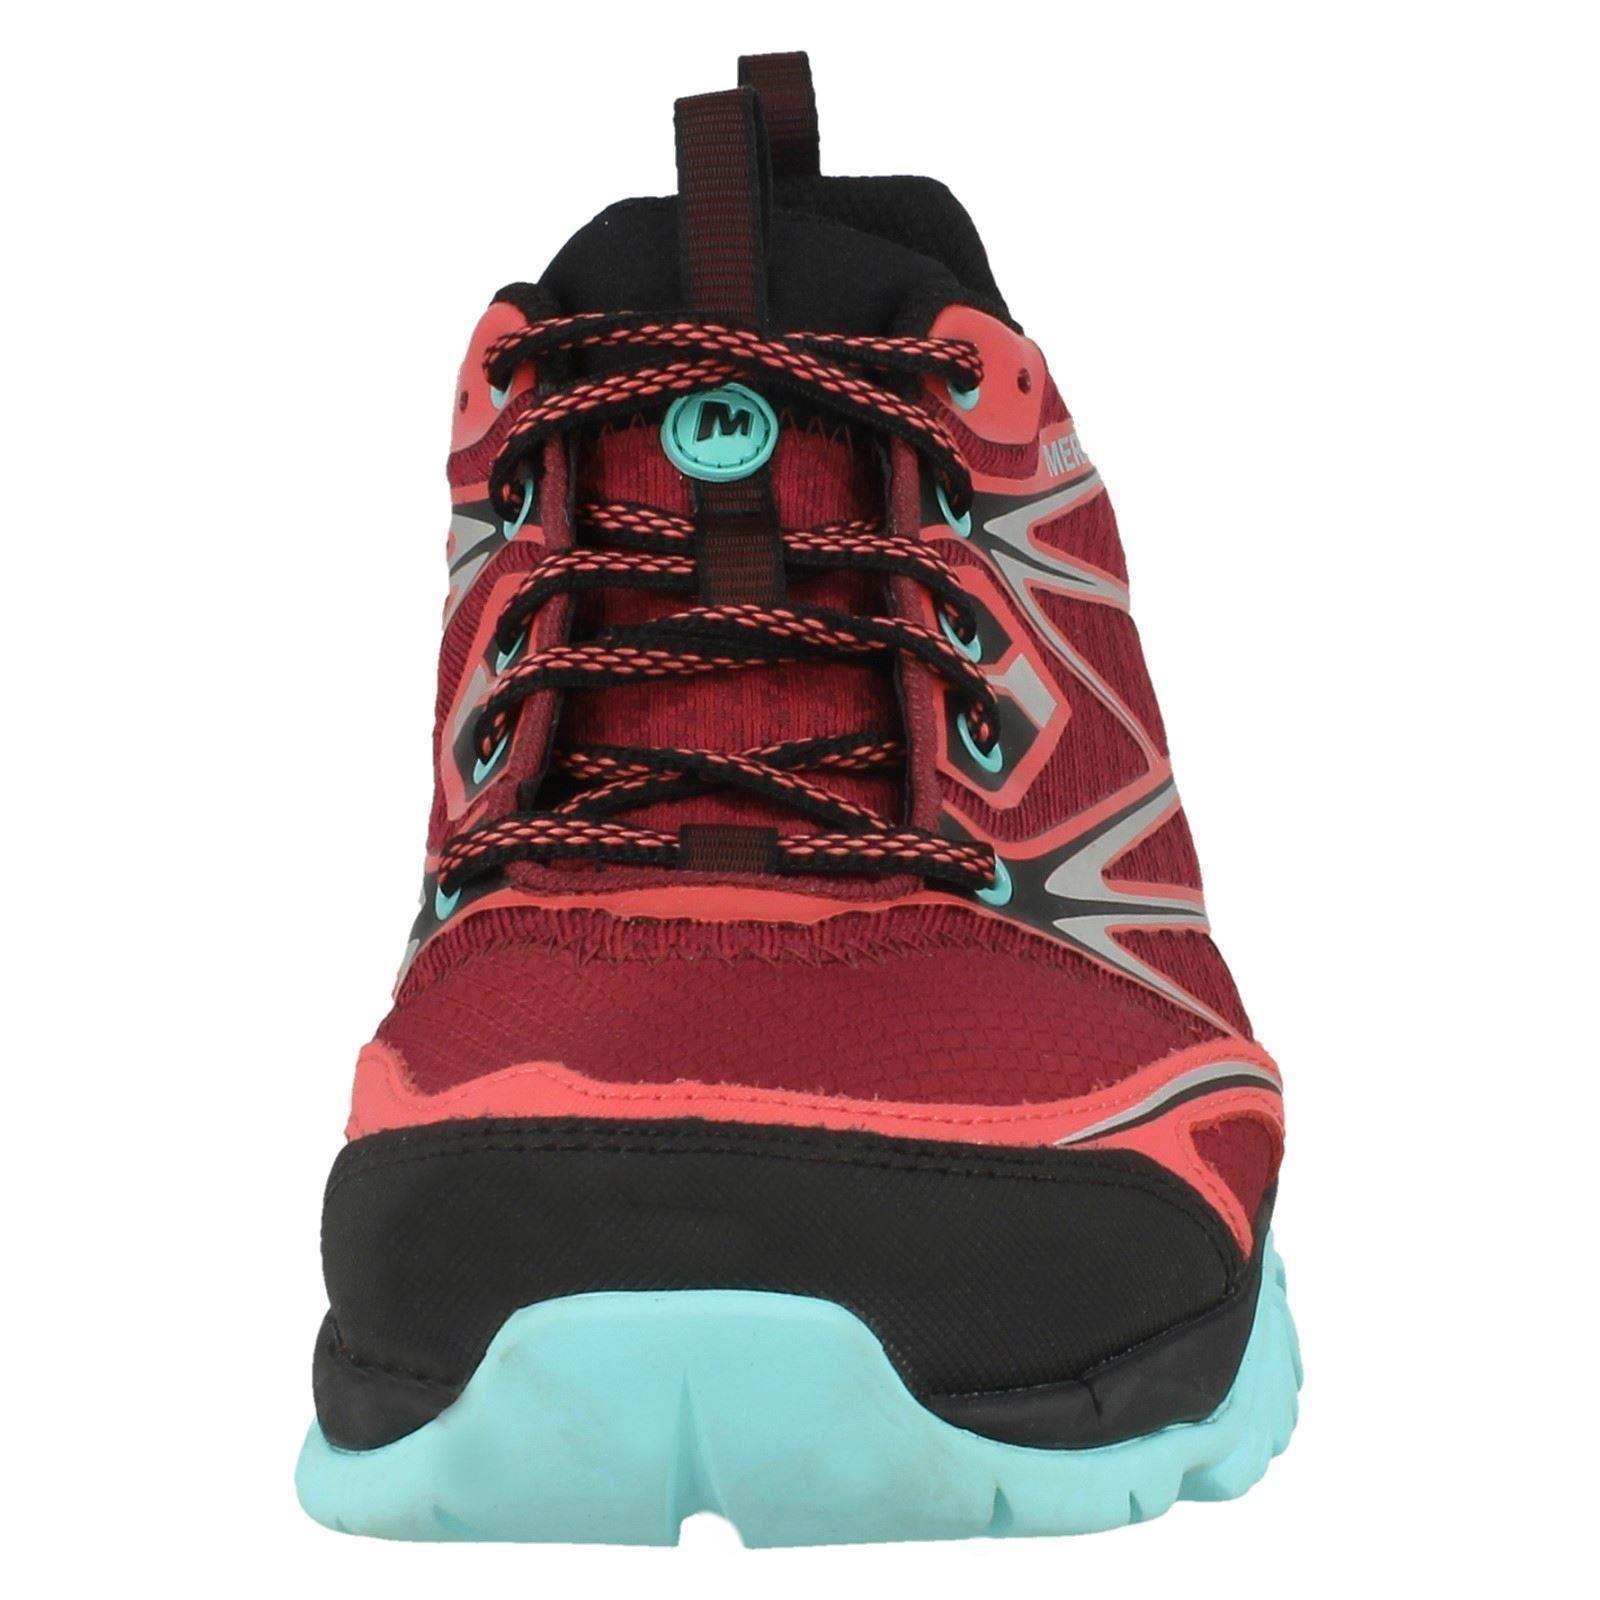 Bolt Baskets Vibrant Merrell tex Gore Capra J35454 Femmes EUwqRSInw